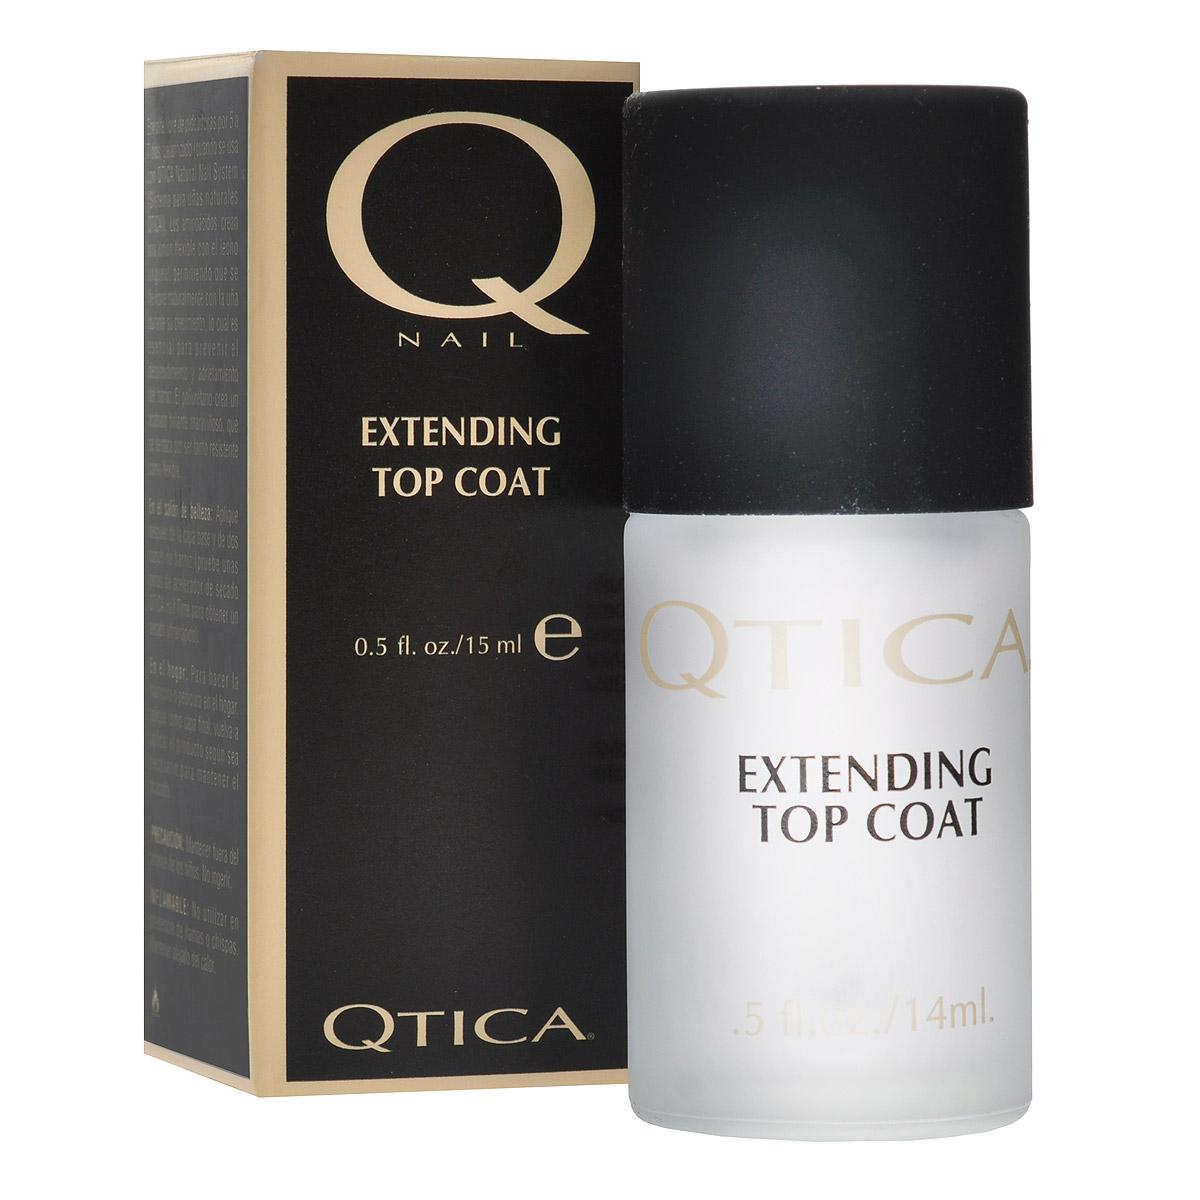 Zoya Закрепитель лака для ногтей Qtica, 15 млQTET01Суперблестящее и гибкое верхнее покрытие Zoya Qtica обеспечивает стойкость лака на натуральных ногтях в течение 7-10 дней. Стойкое и гибкое покрытие для предотвращения отслоения лака и продления маникюра.Применение: нанести один тонкий слой поочередно на каждый ноготь. Характеристики:Объем: 15 мл. Артикул: QTET01. Производитель: США. Товар сертифицирован.